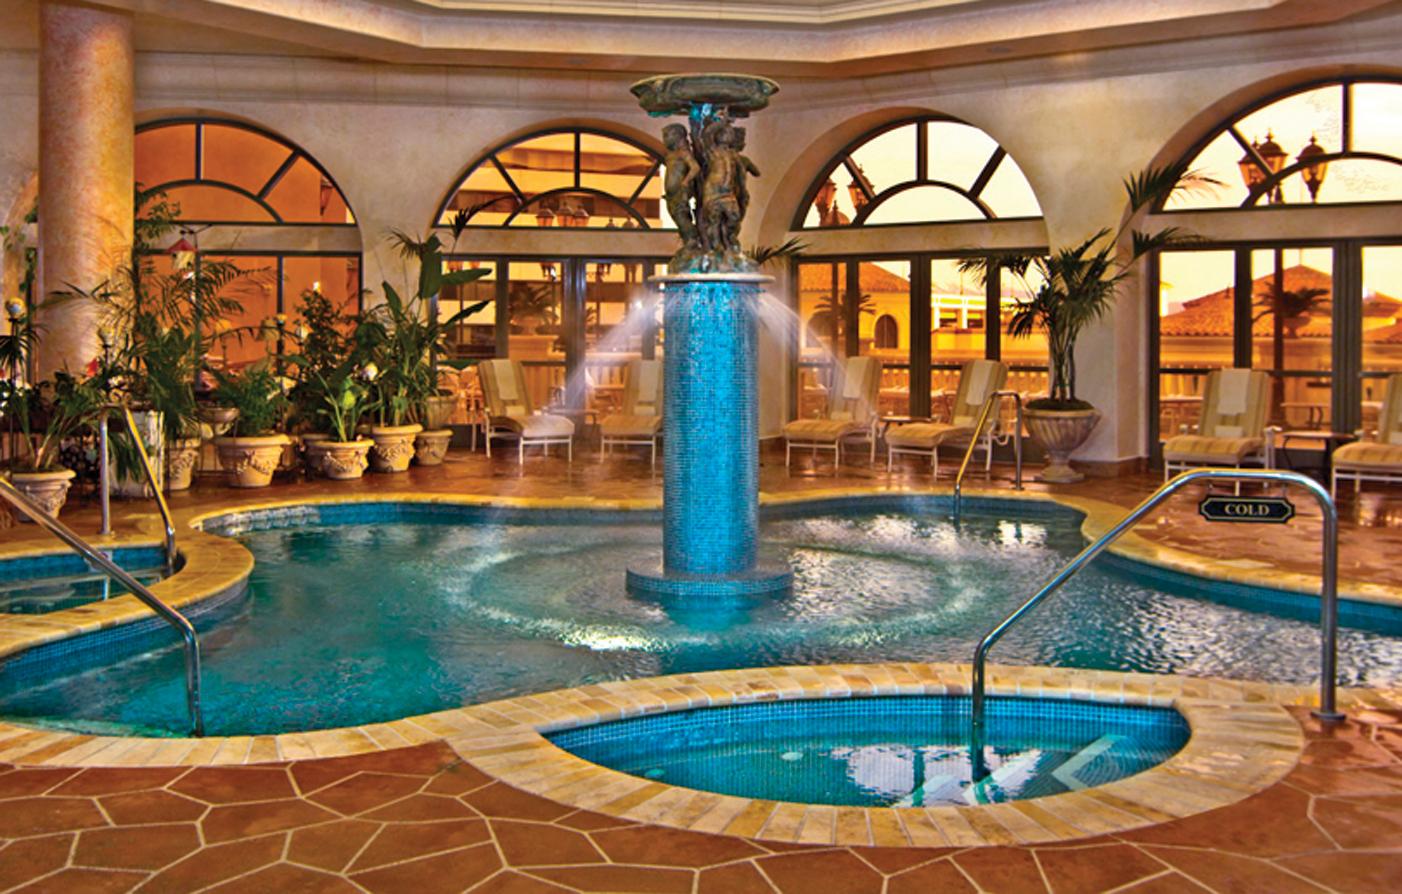 Spahotelli casino